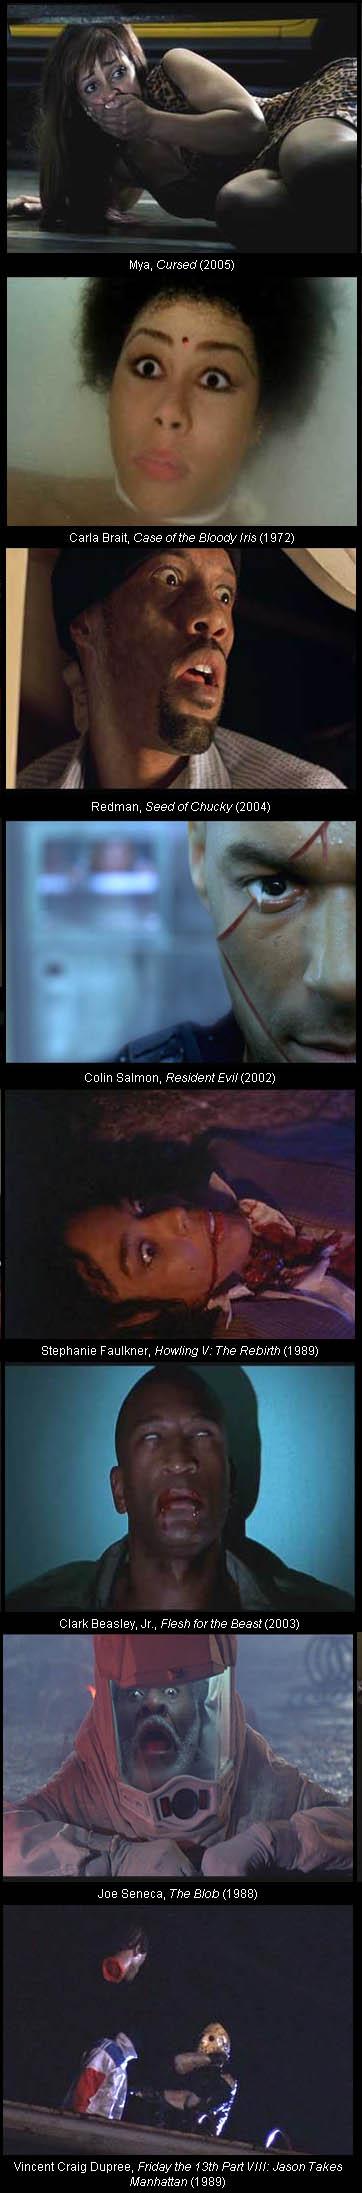 black_people_horror_movies